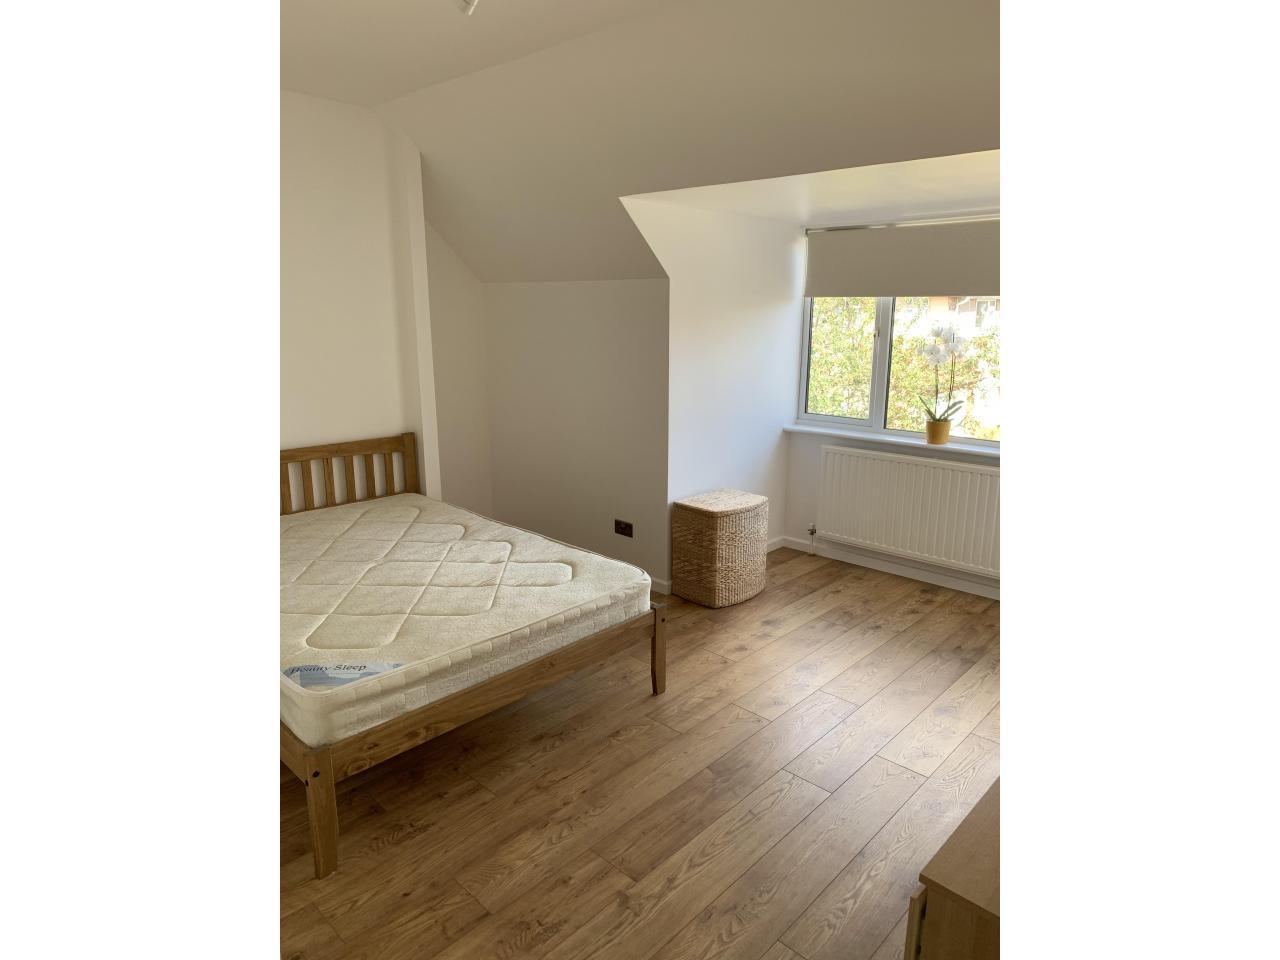 Сдается 2-местная просторная комната,Dagenham - 1